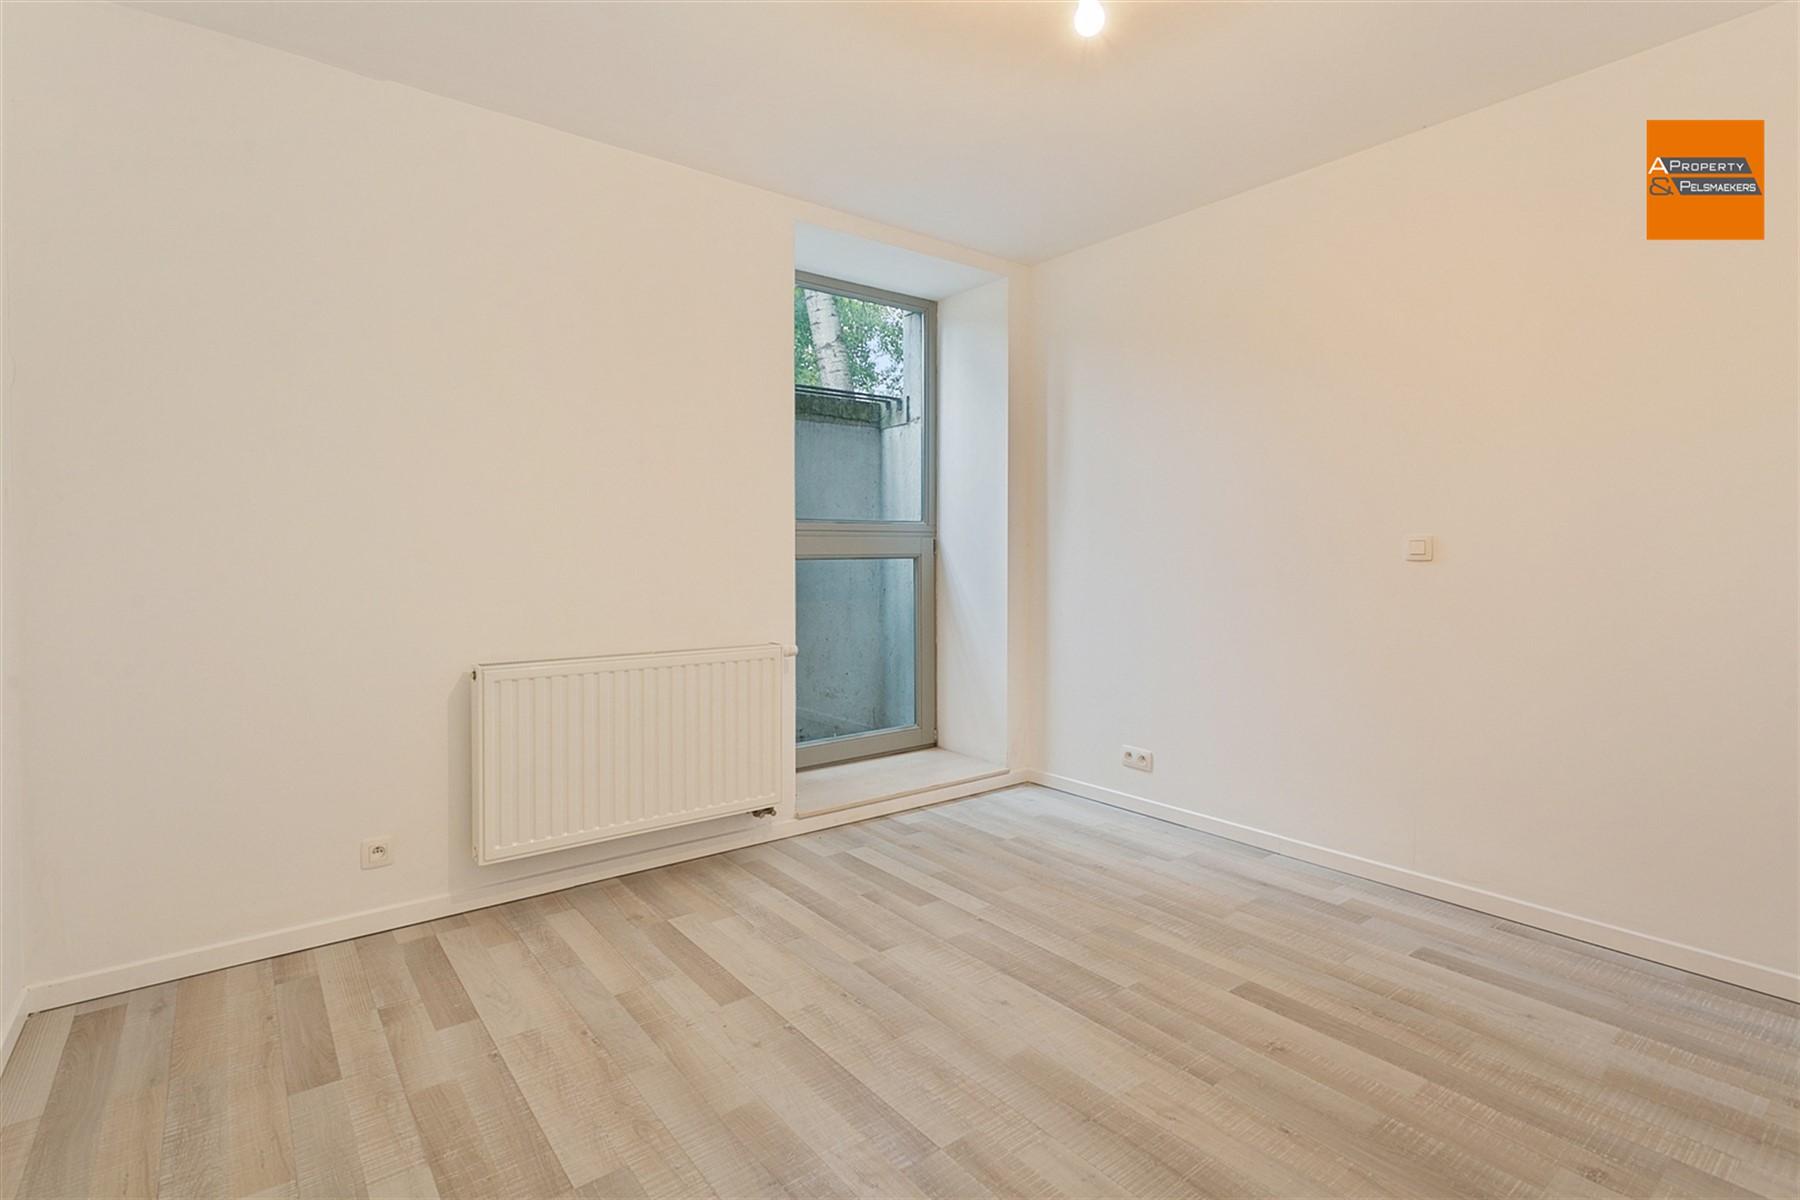 Foto 34 : Huis in 1070 Anderlecht (België) - Prijs € 540.585